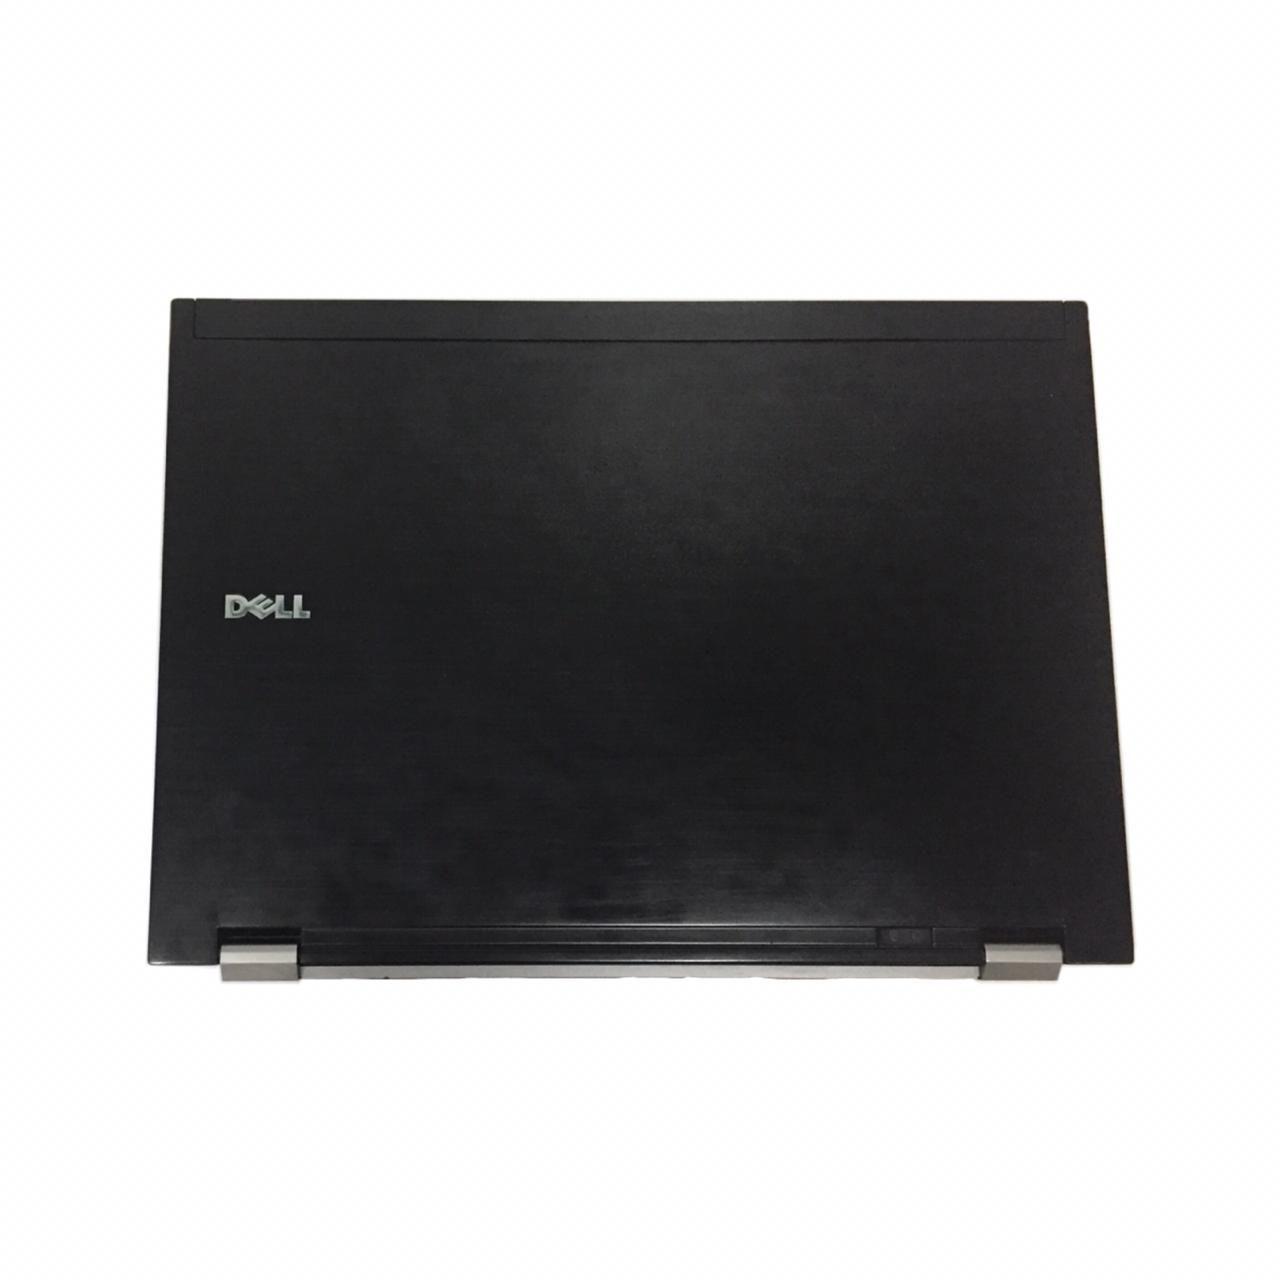 Notebook Dell Ddr2 E6400 4 Gb Intel 120 Gb Pc2-6400